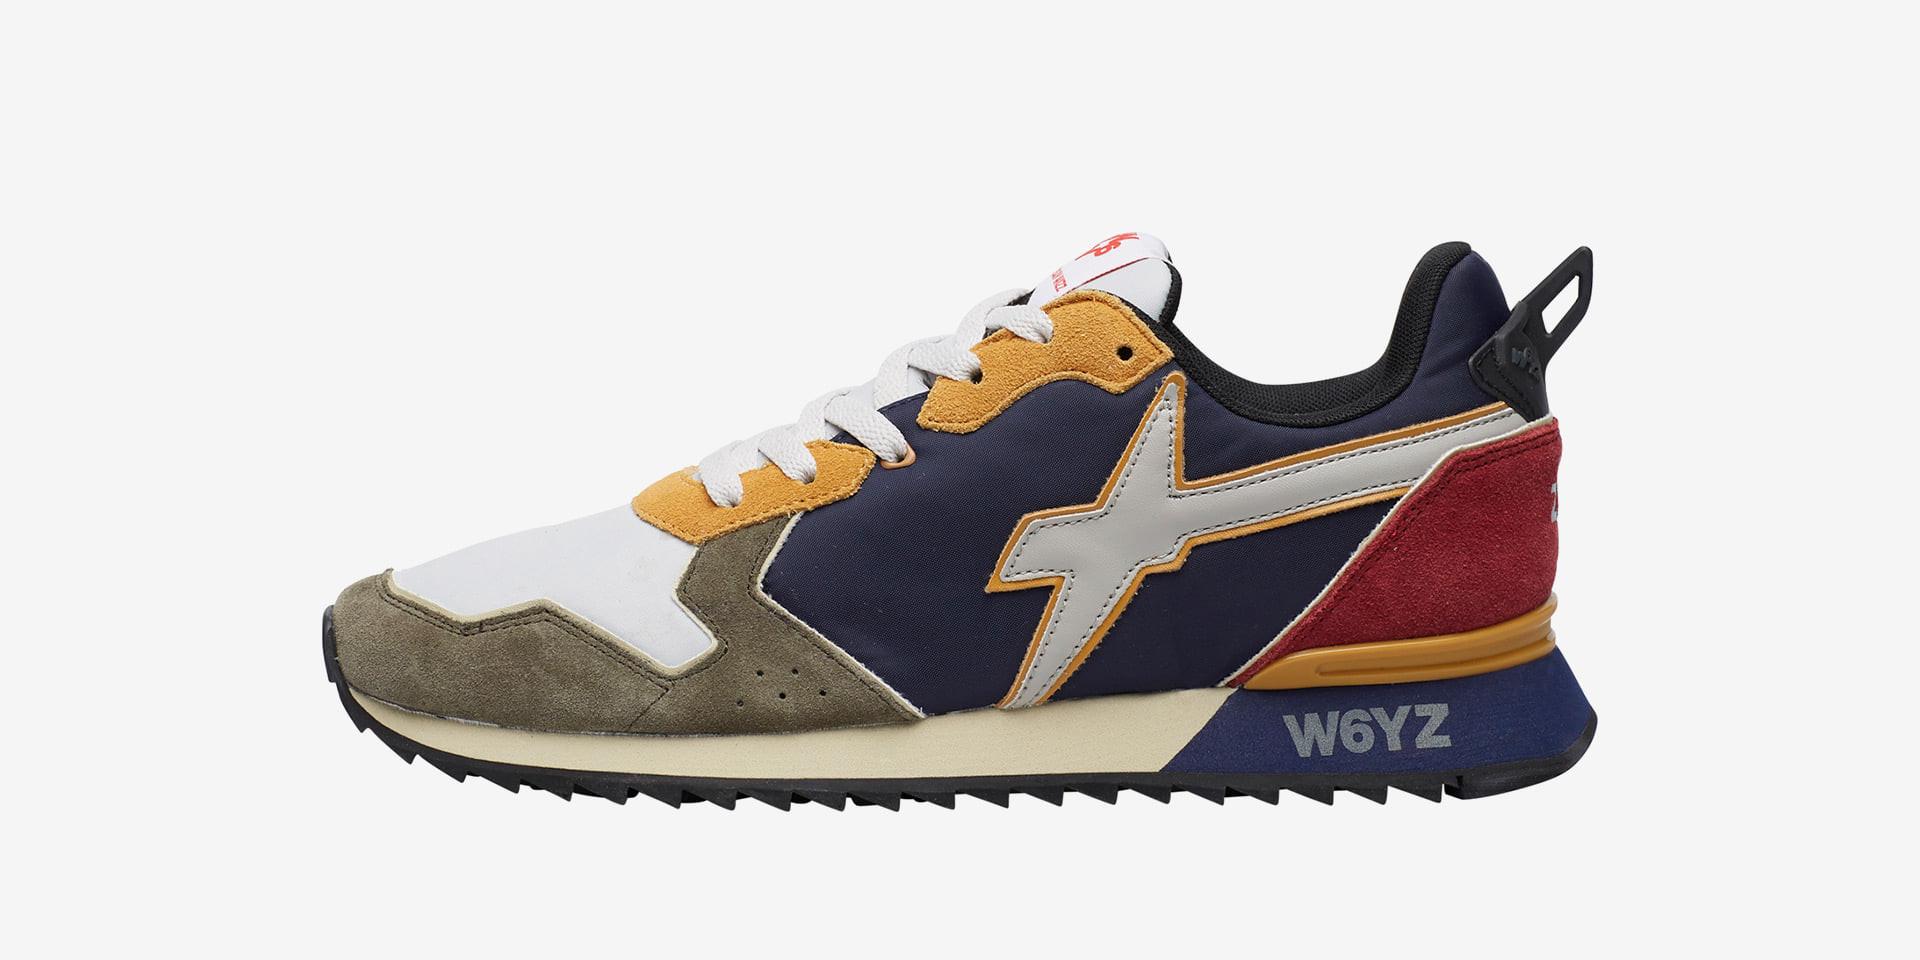 JET-M. - Sneaker in suede e tessuto tecnico - Militare/Grigio